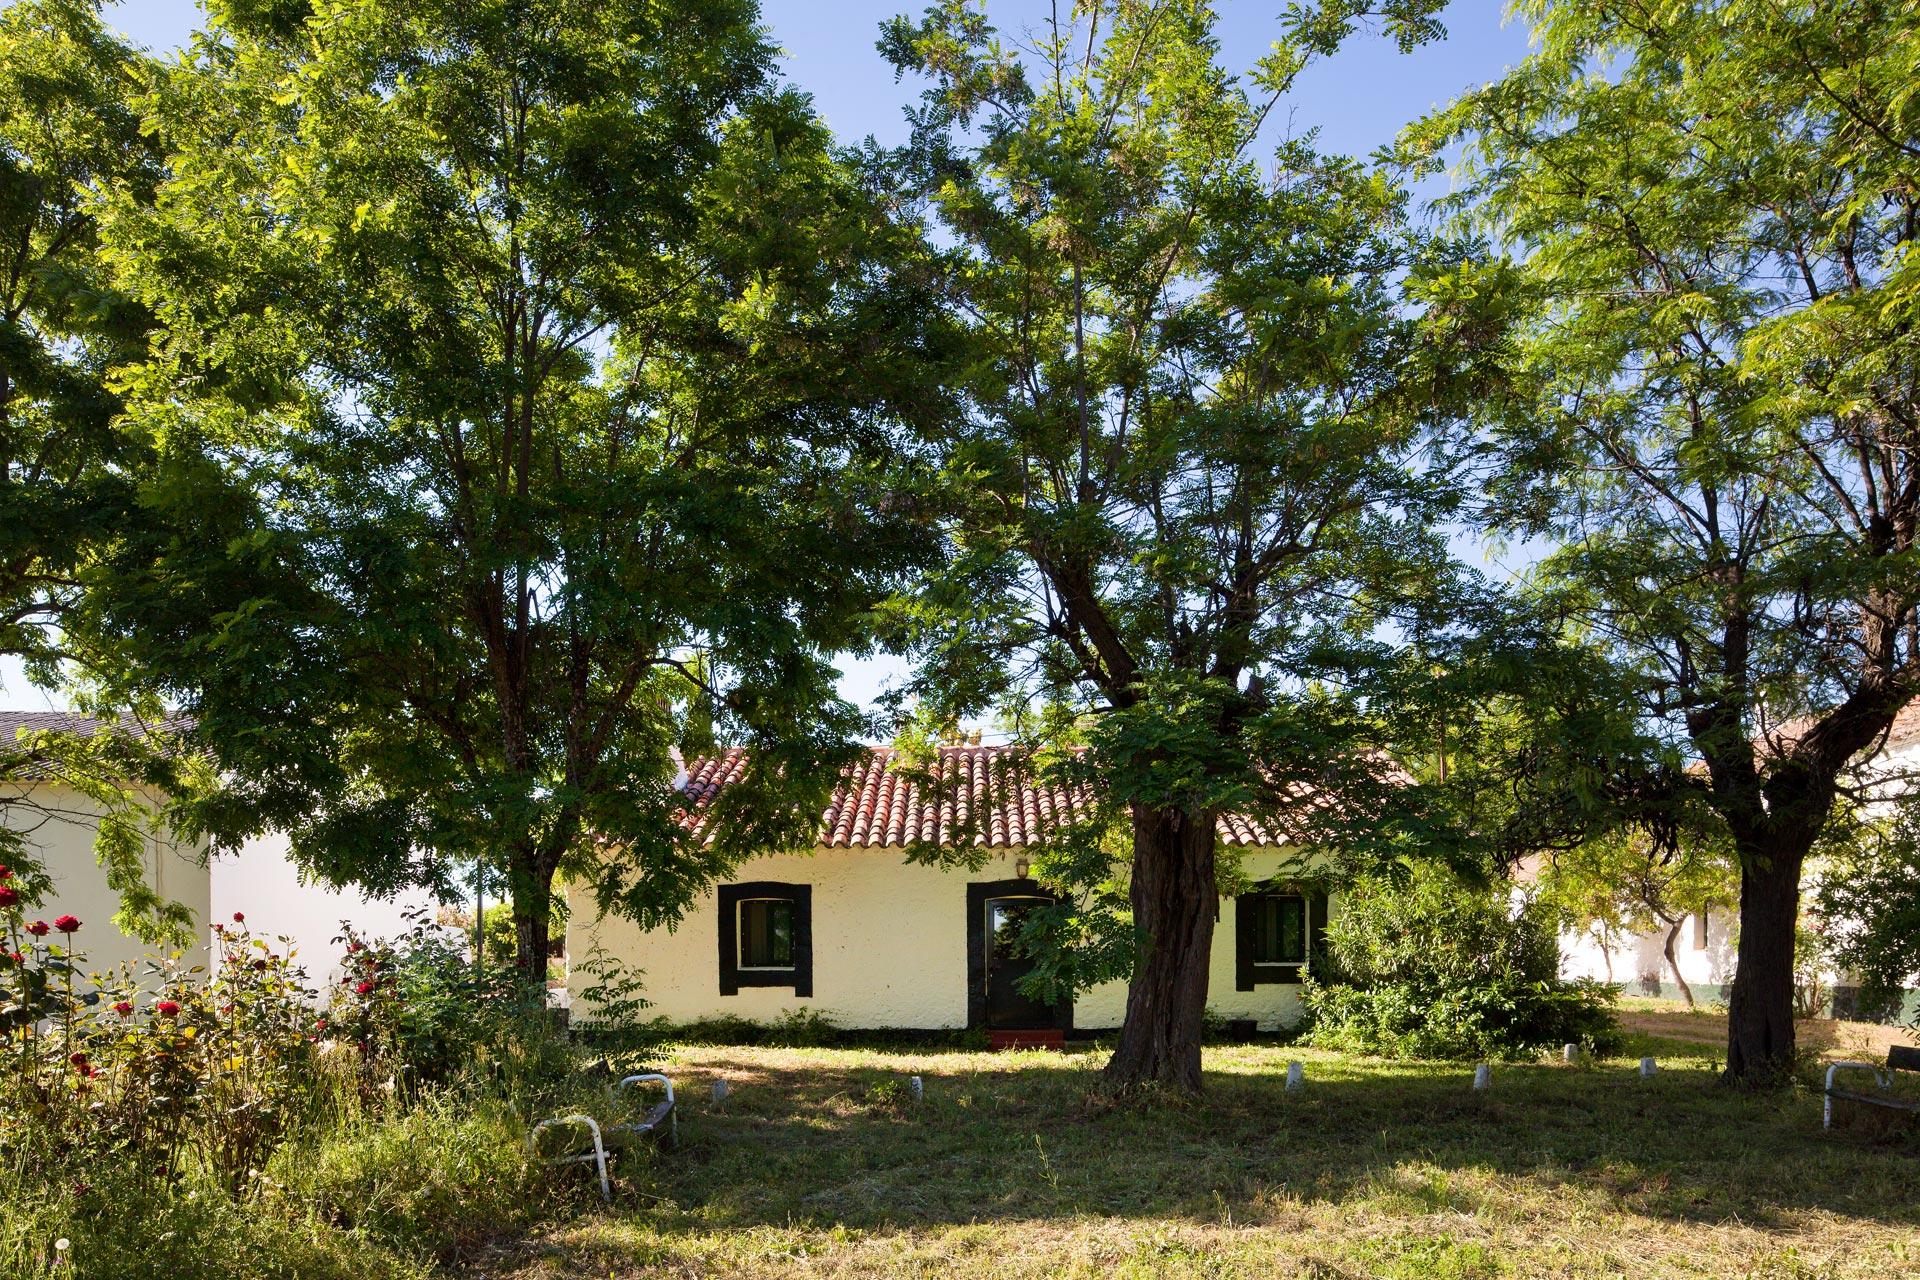 valdeazores-casa-portuguesa-img_6205